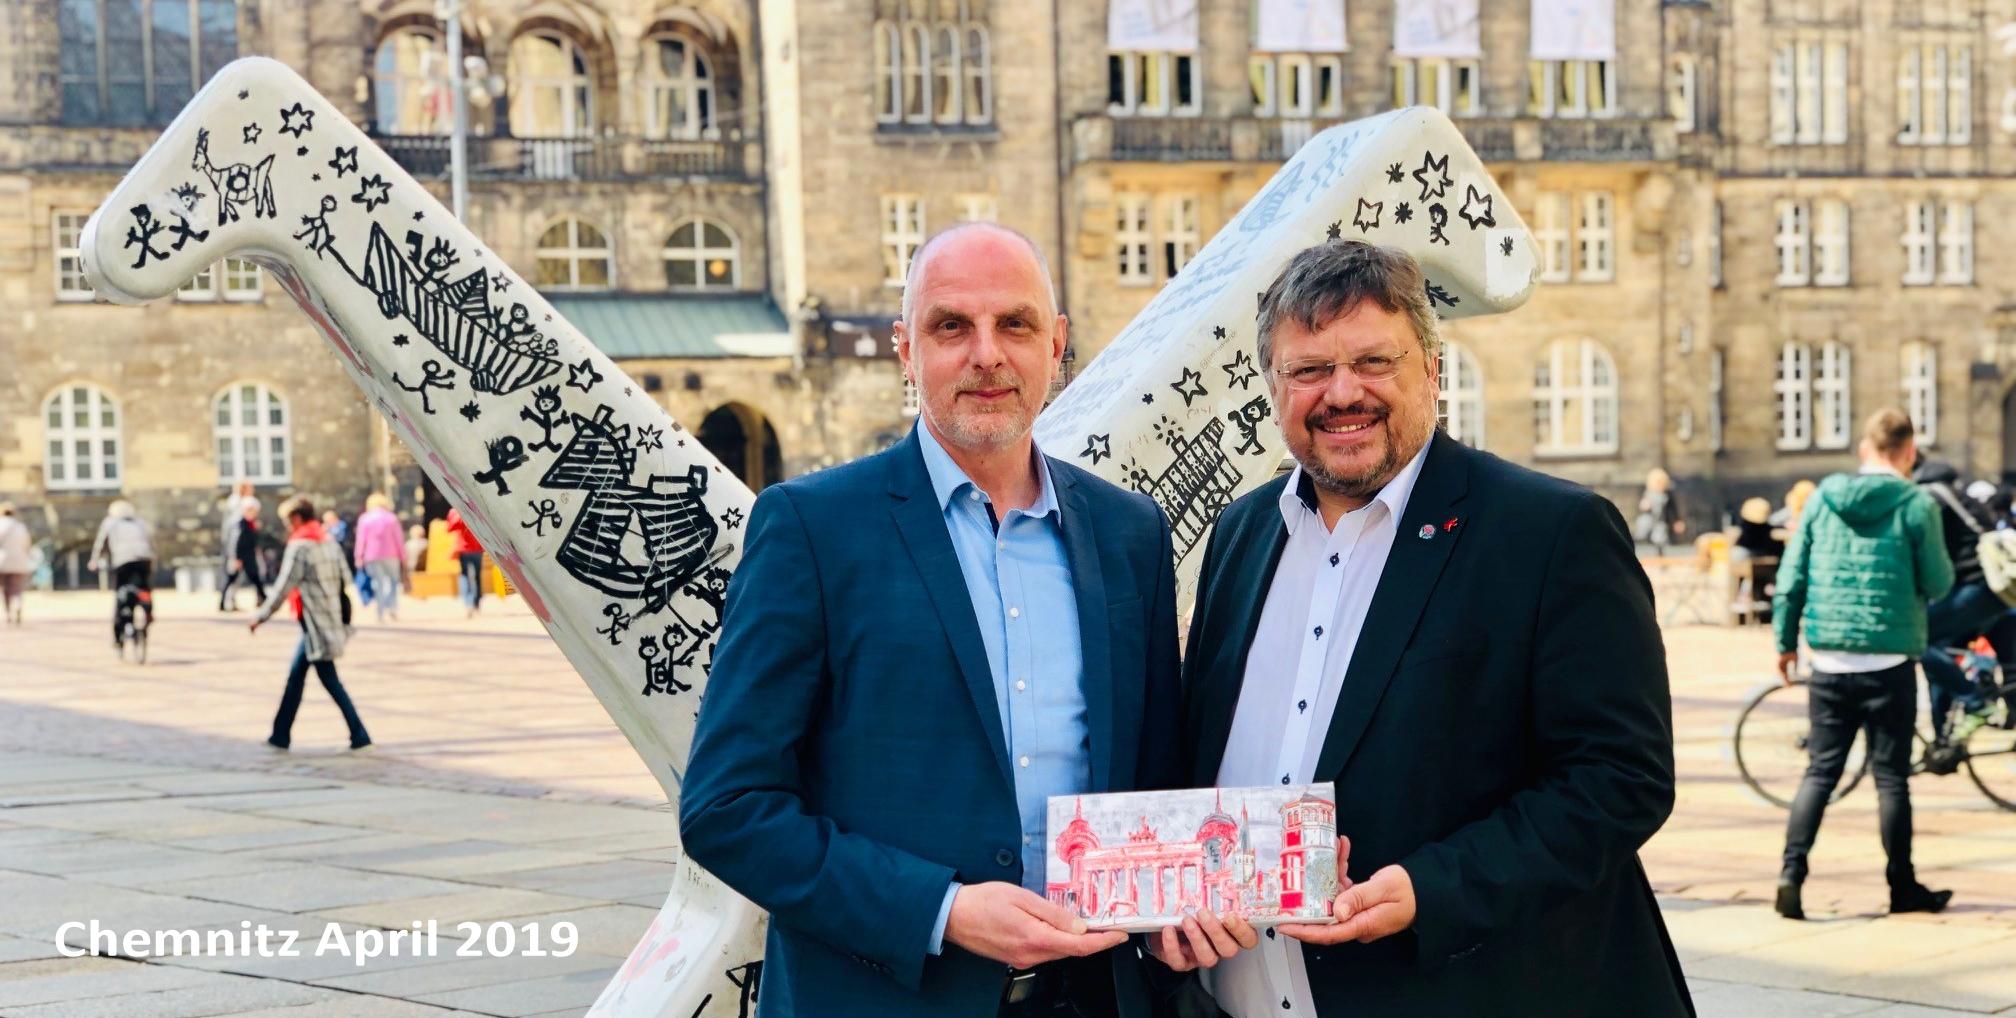 Andreas Rimkus MdB gratuliert Düsseldorfs Partnerstadt Chemnitz zur Auswahl als Europäische Kulturhauptstadt 2025